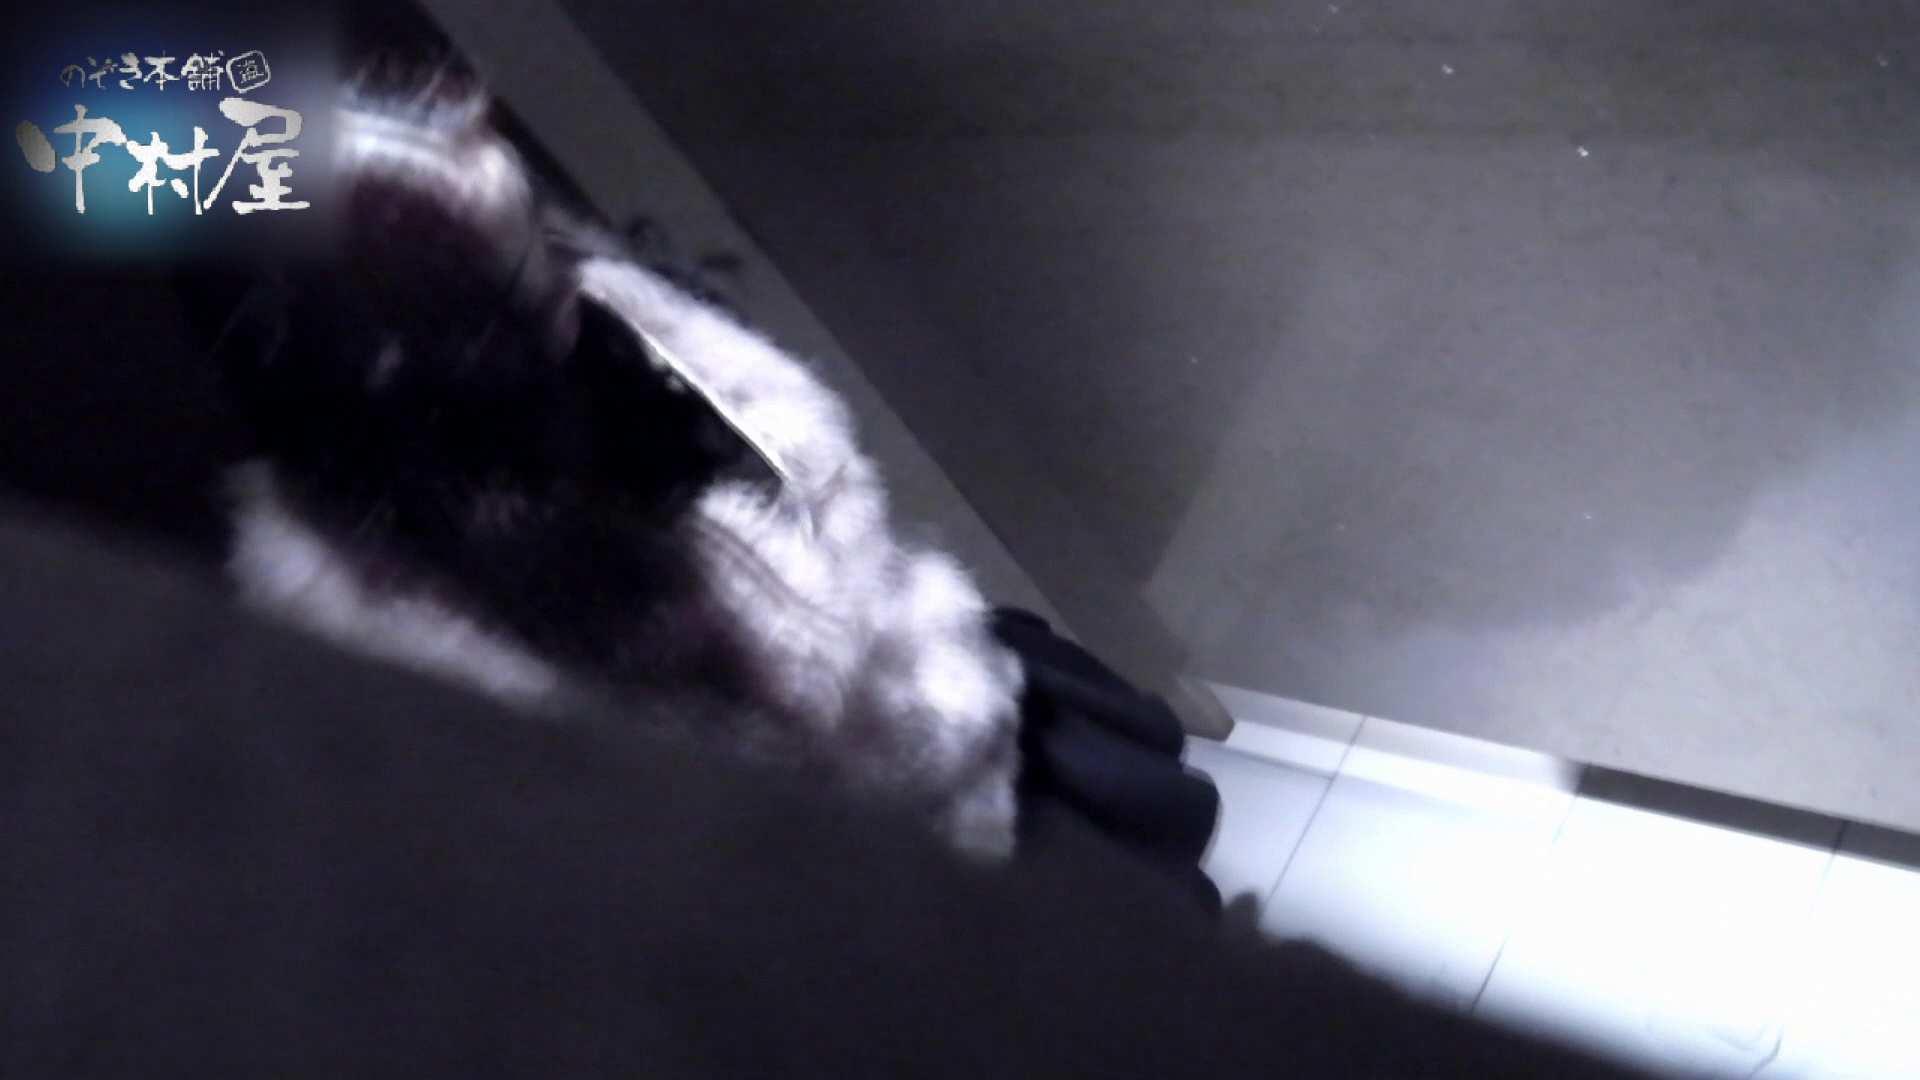 乙女集まる!ショッピングモール潜入撮vol.11 潜入突撃 おめこ無修正動画無料 78pic 57